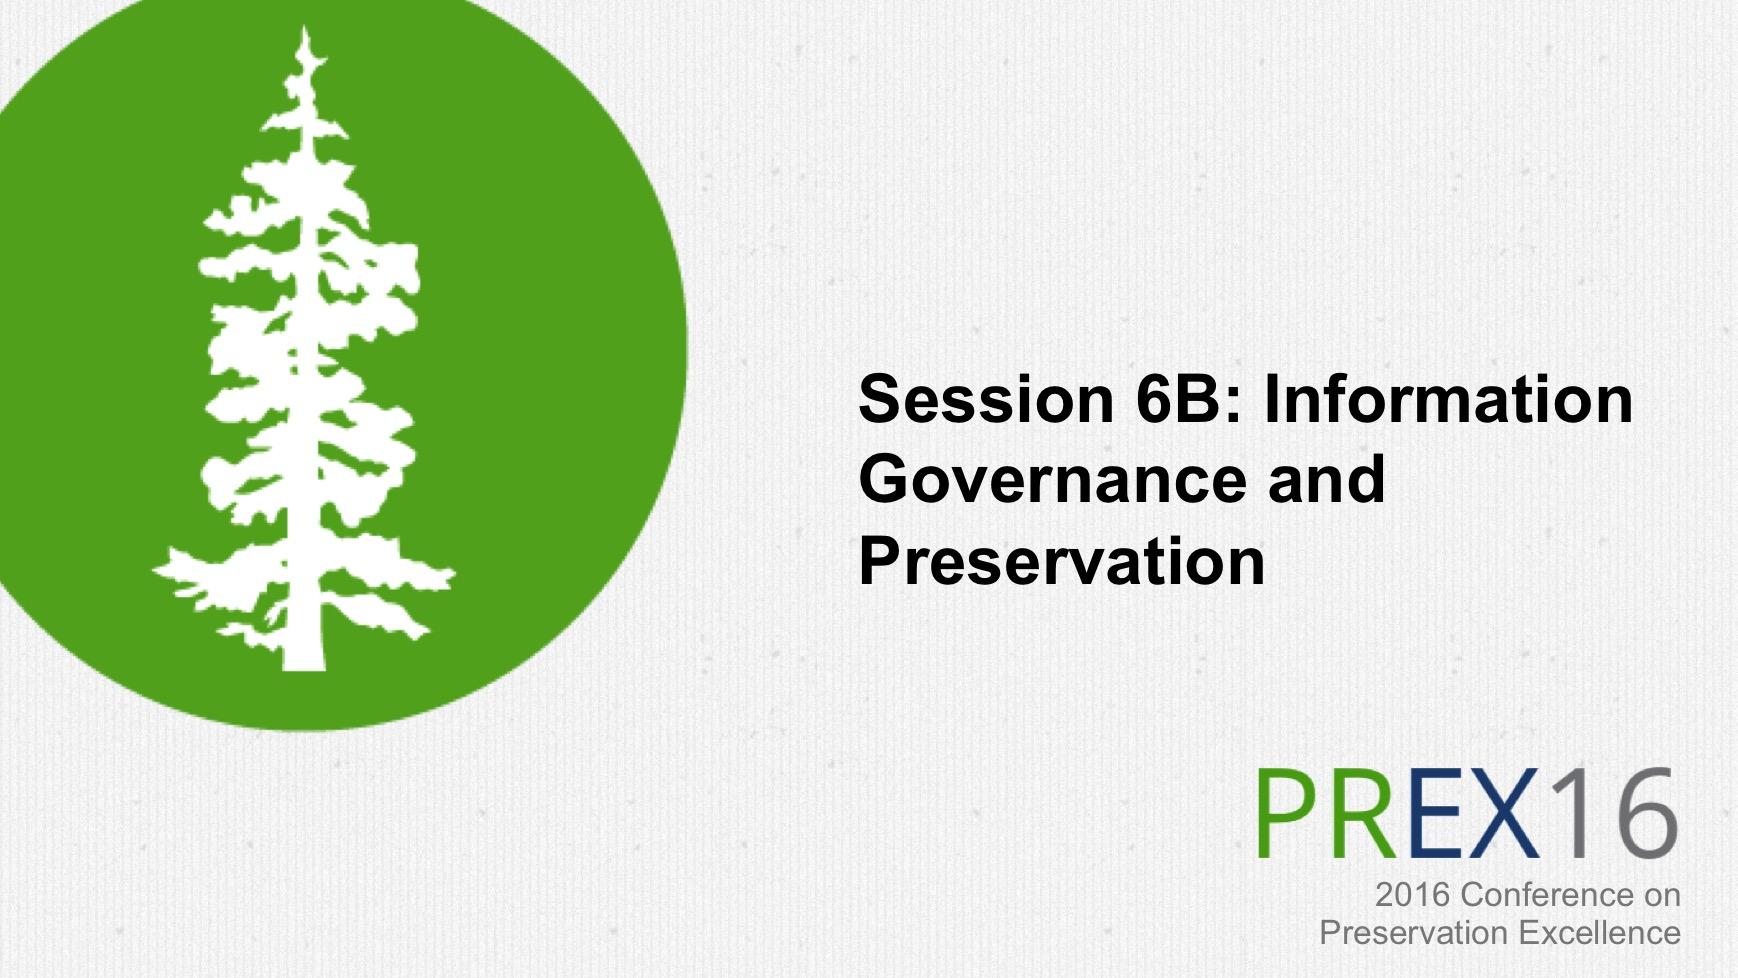 Information Governance and Preservation